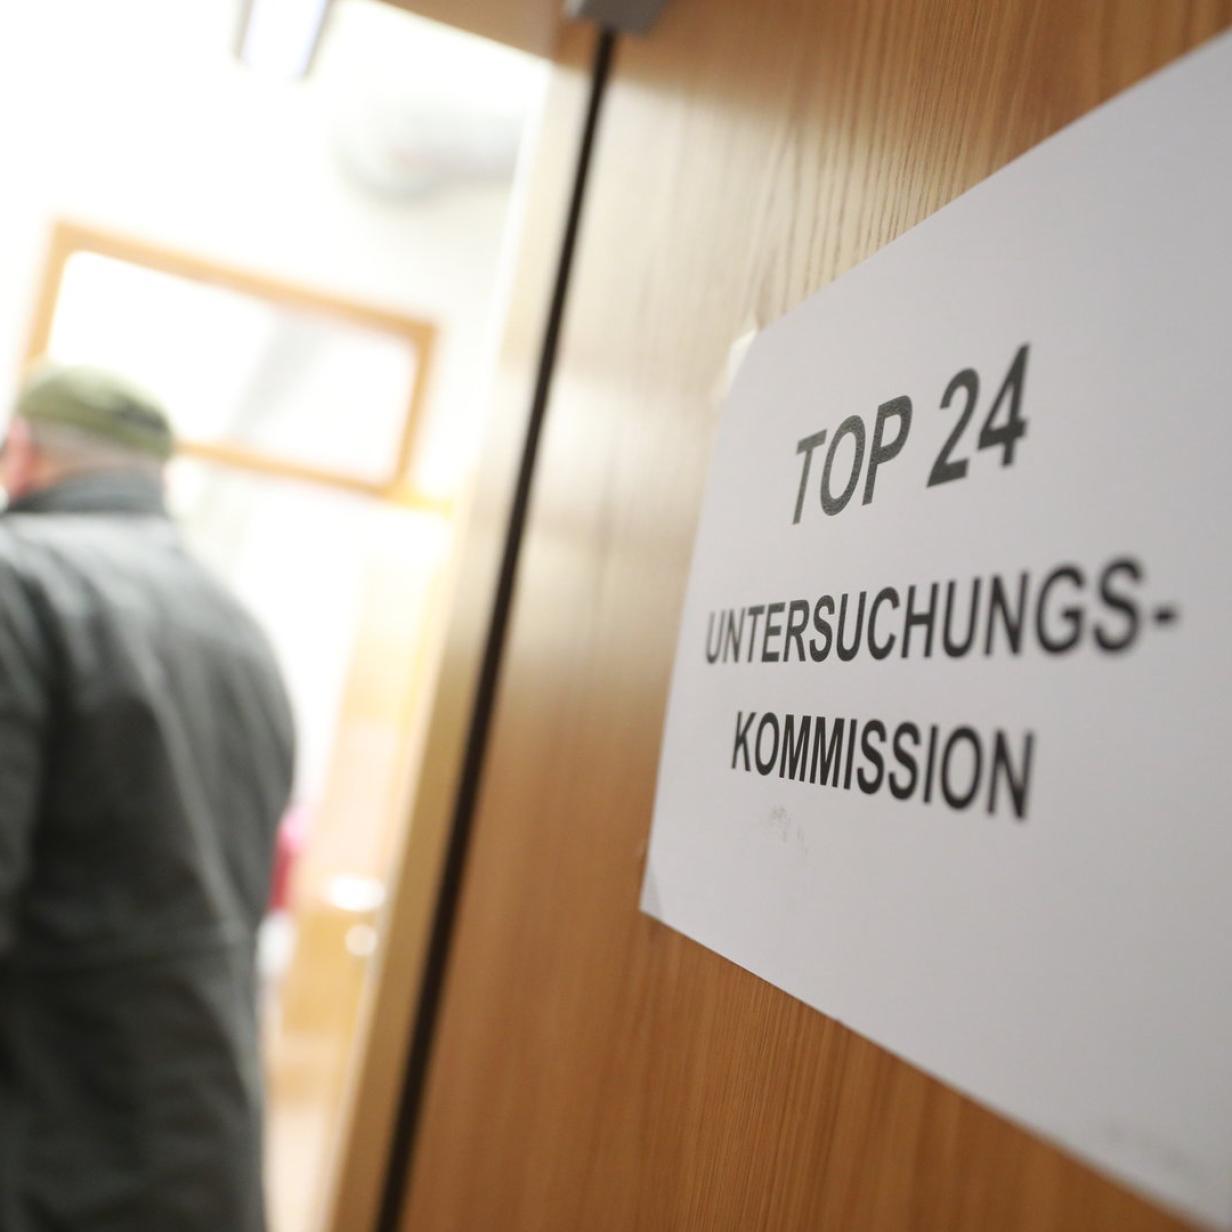 U-Kommission zu parteinahen Wiener Vereinen droht Debakel